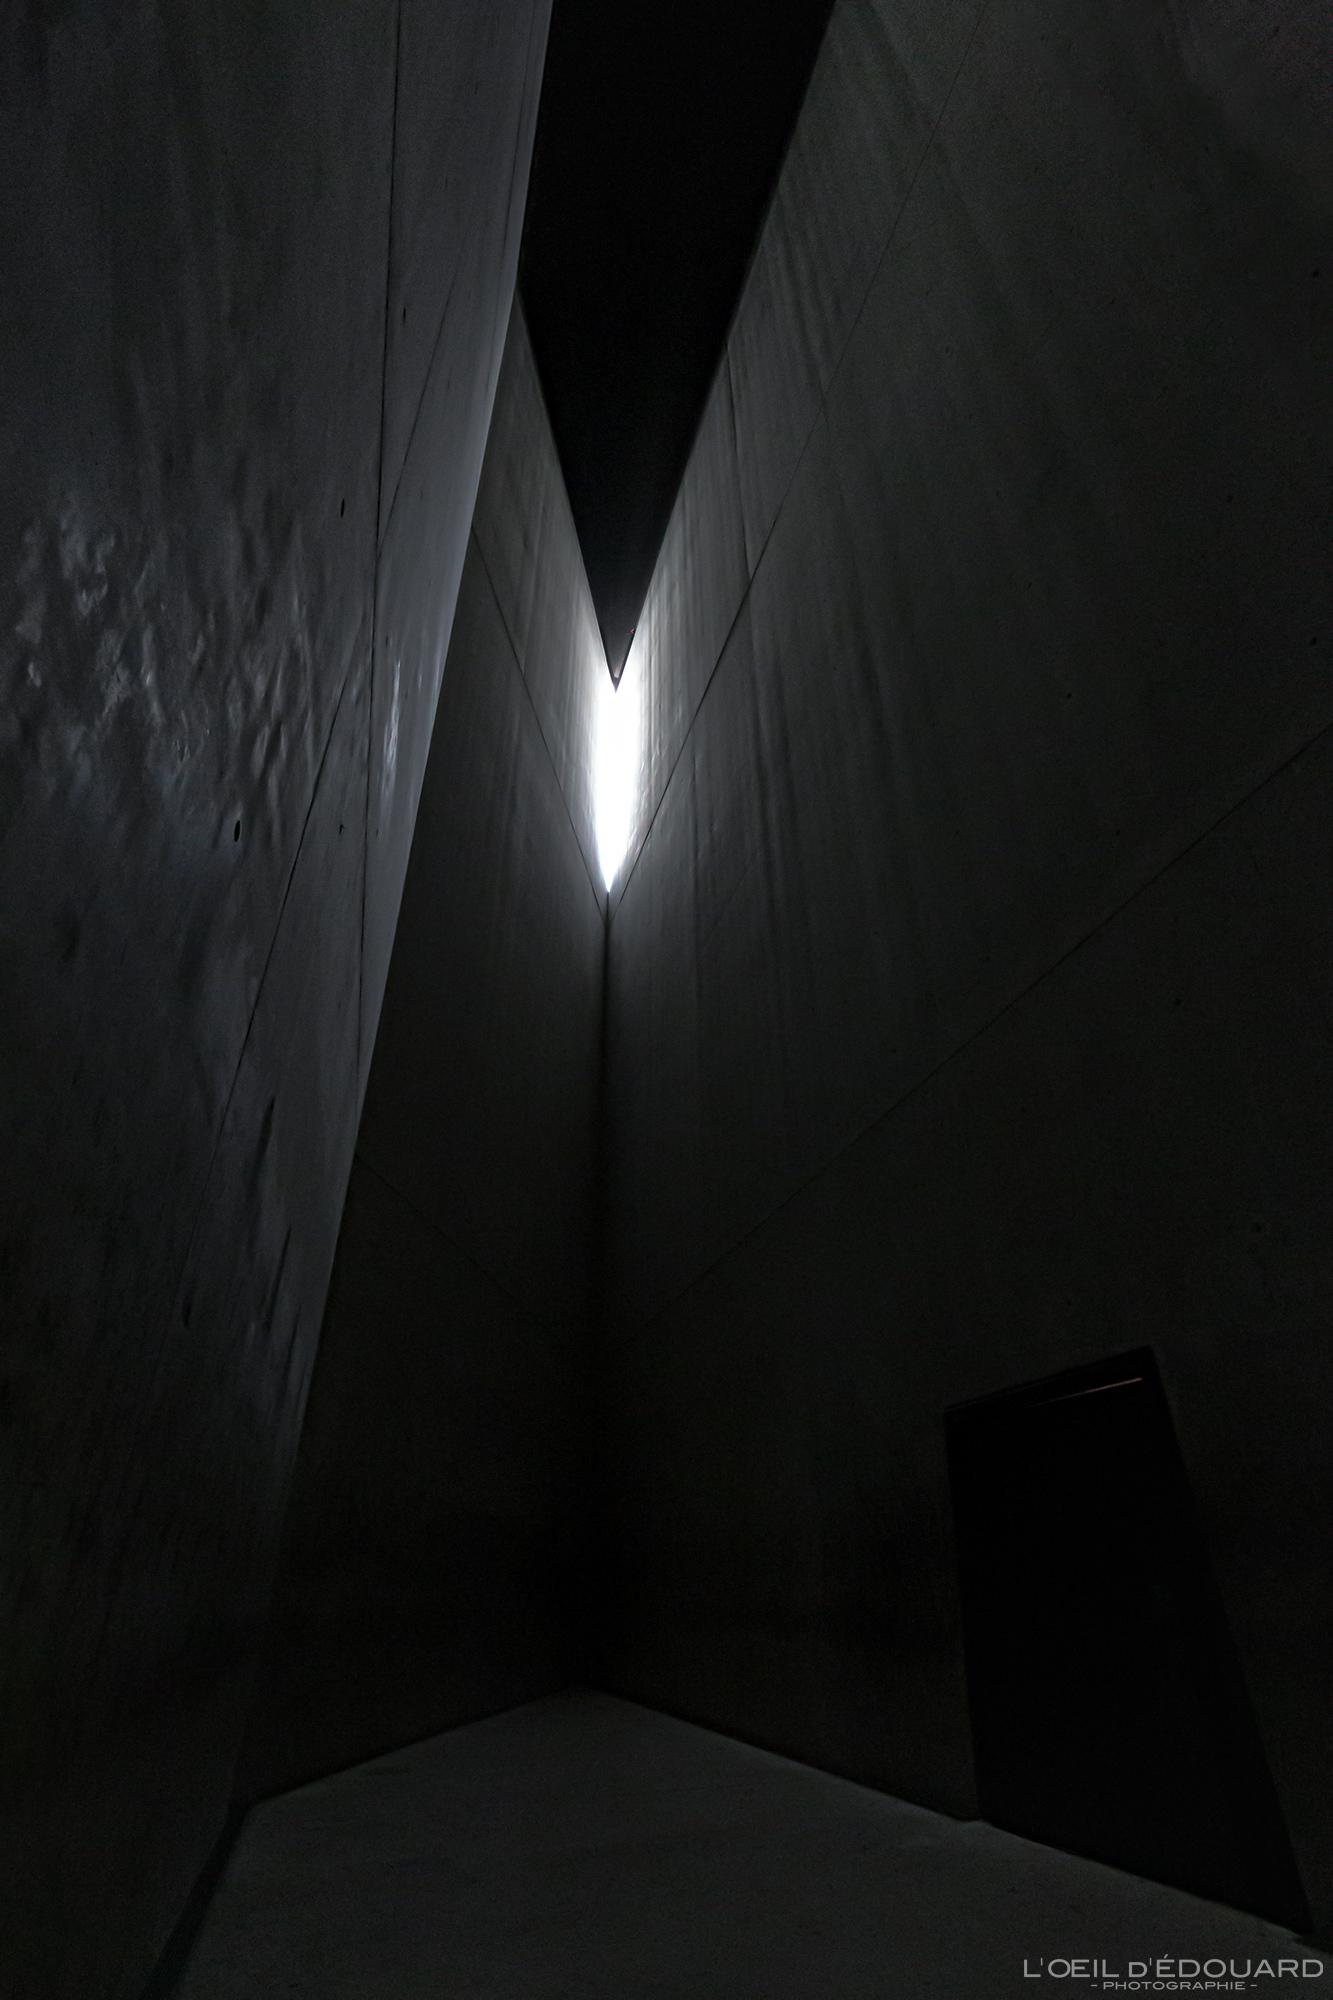 Tour de l'Holocauste Musée Juif de Berlin Allemagne - Holocaust-Turm Jüdisches Museum Deutschland Germany Tower of Holocaust Jewish Museum Architecture Daniel Libeskind